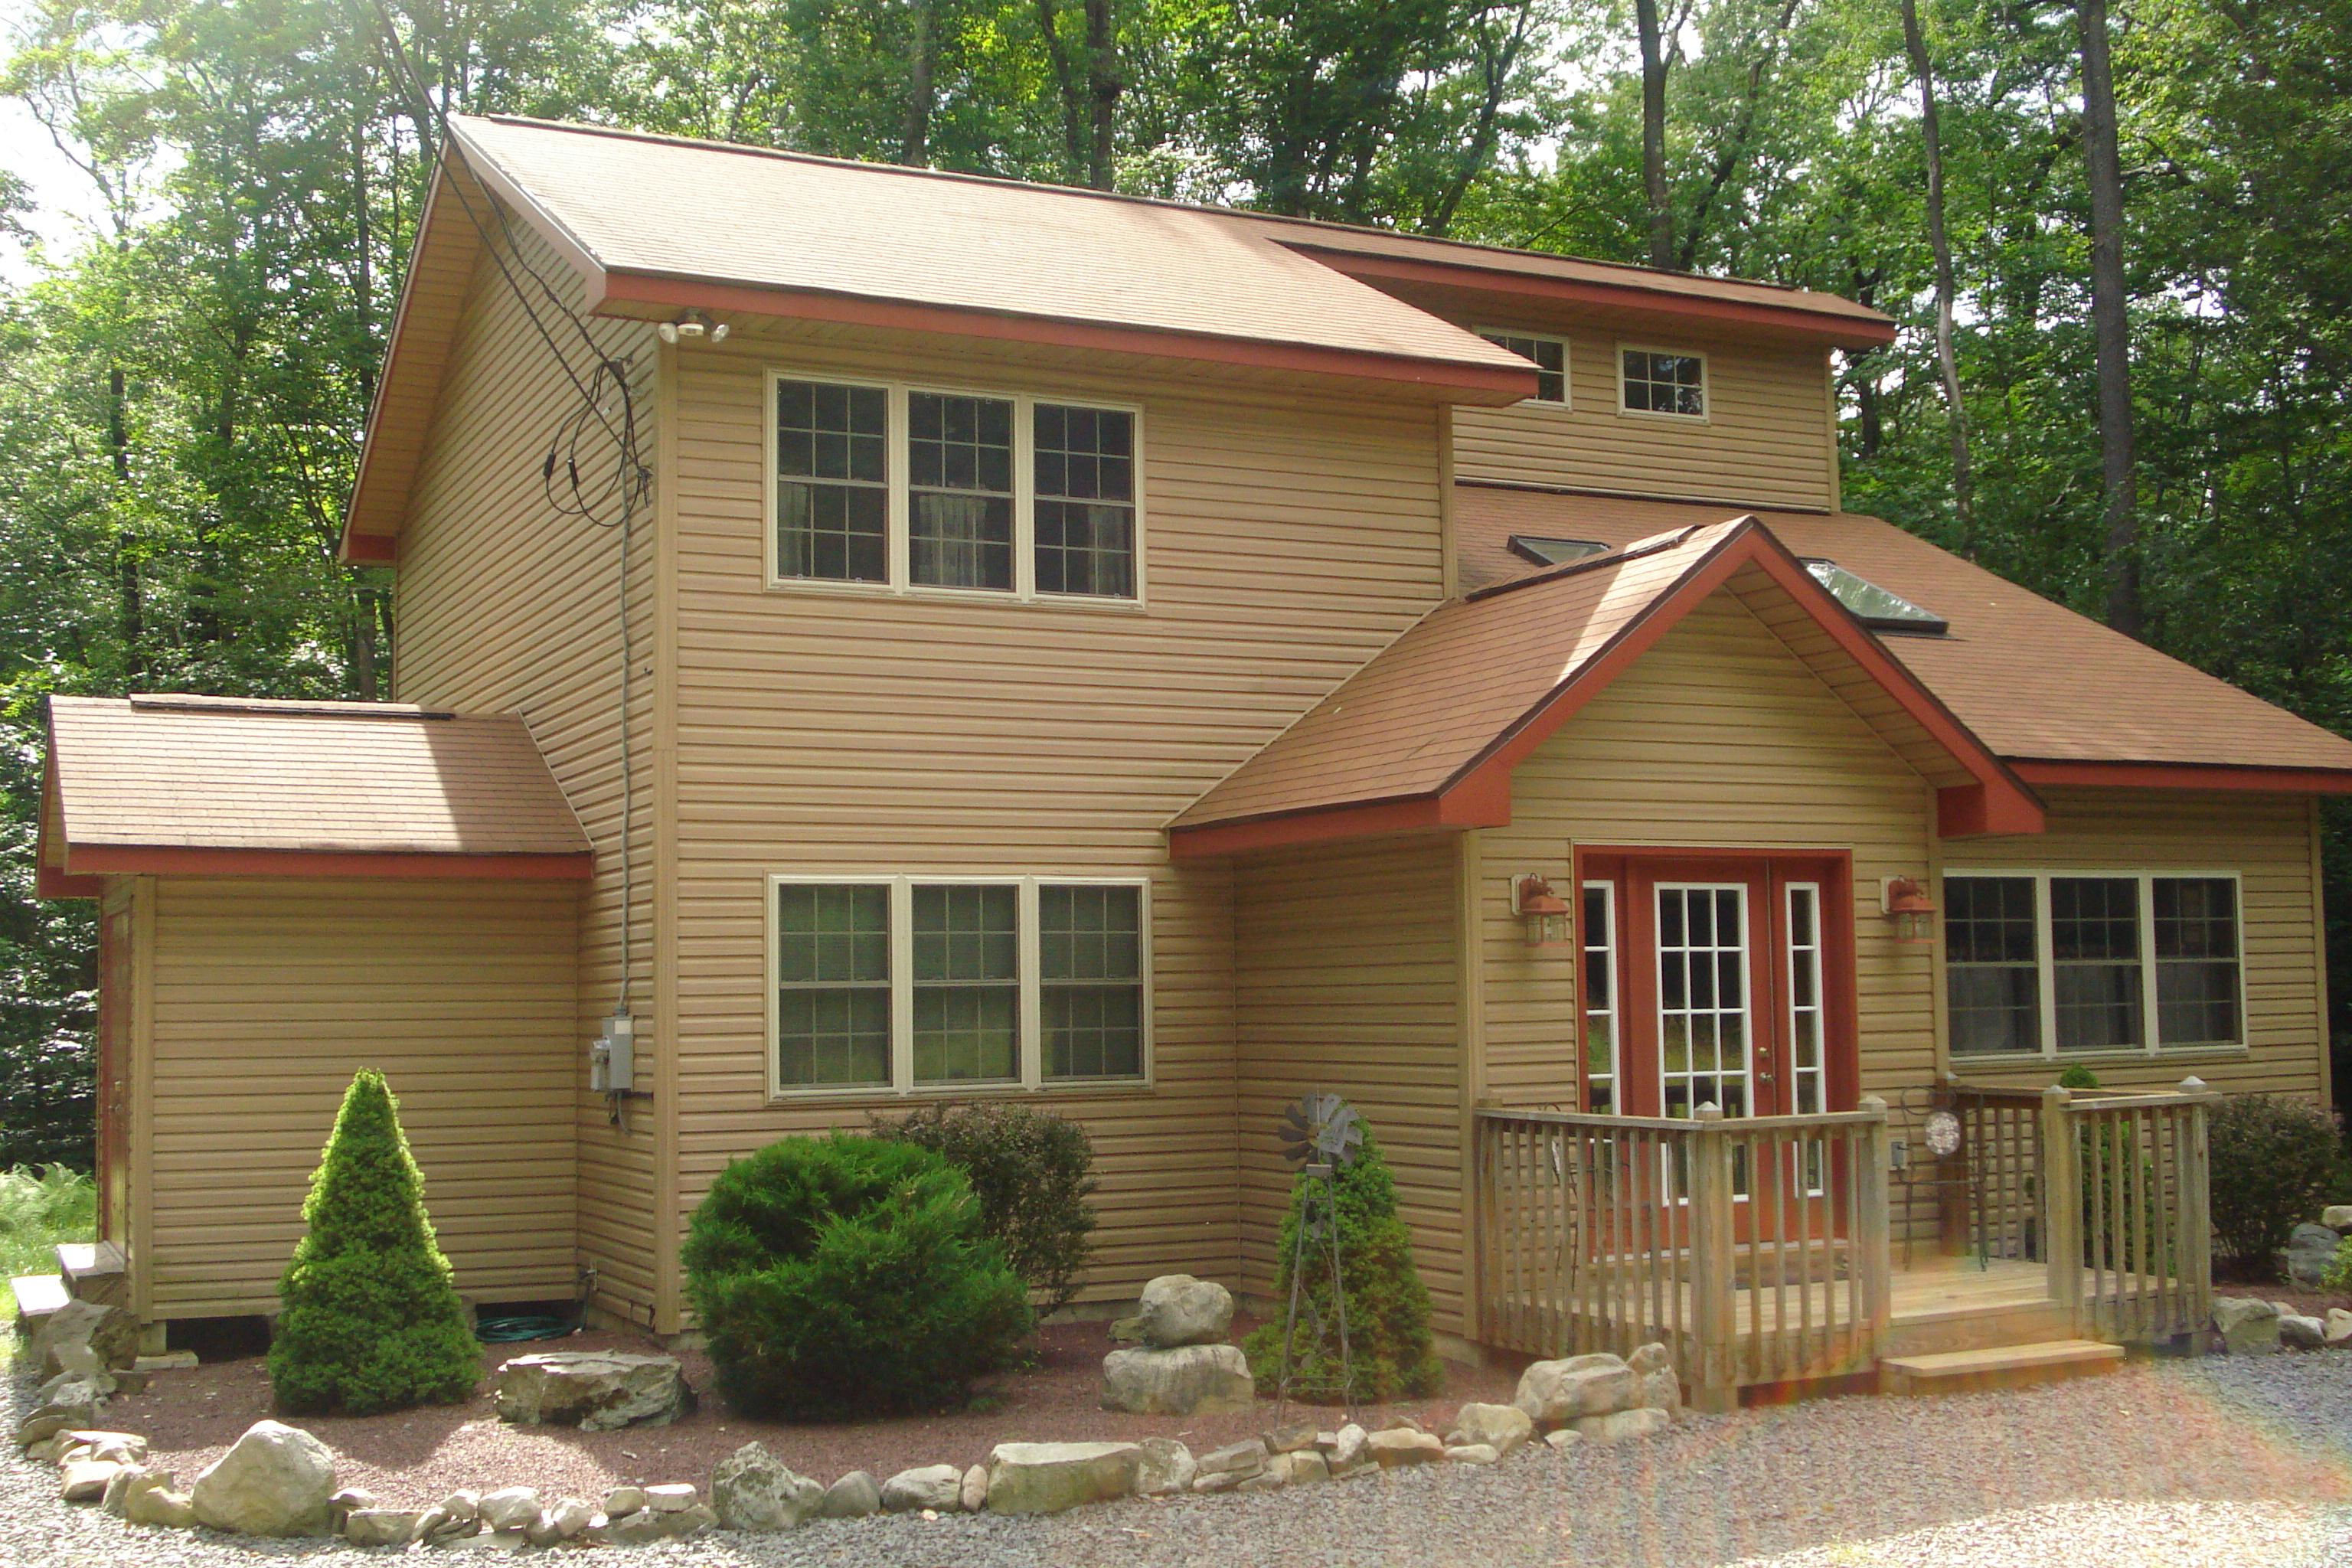 Ar-Tech Model Home